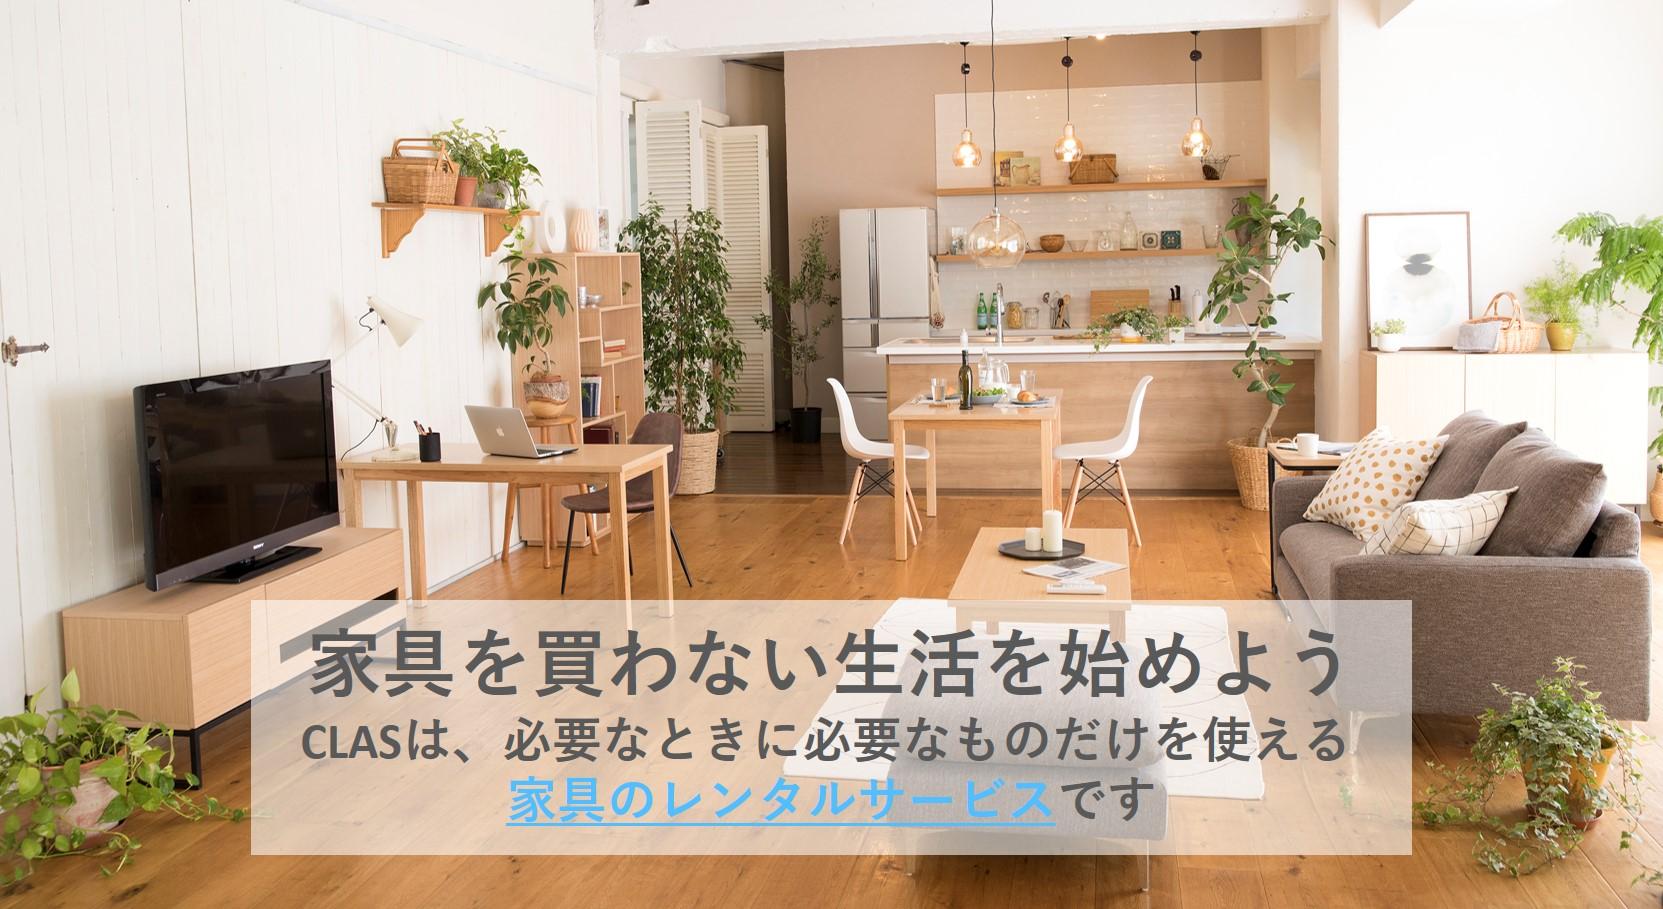 家具は買わない時代へ。家具レンタルのclas(クラス)がサービス開始